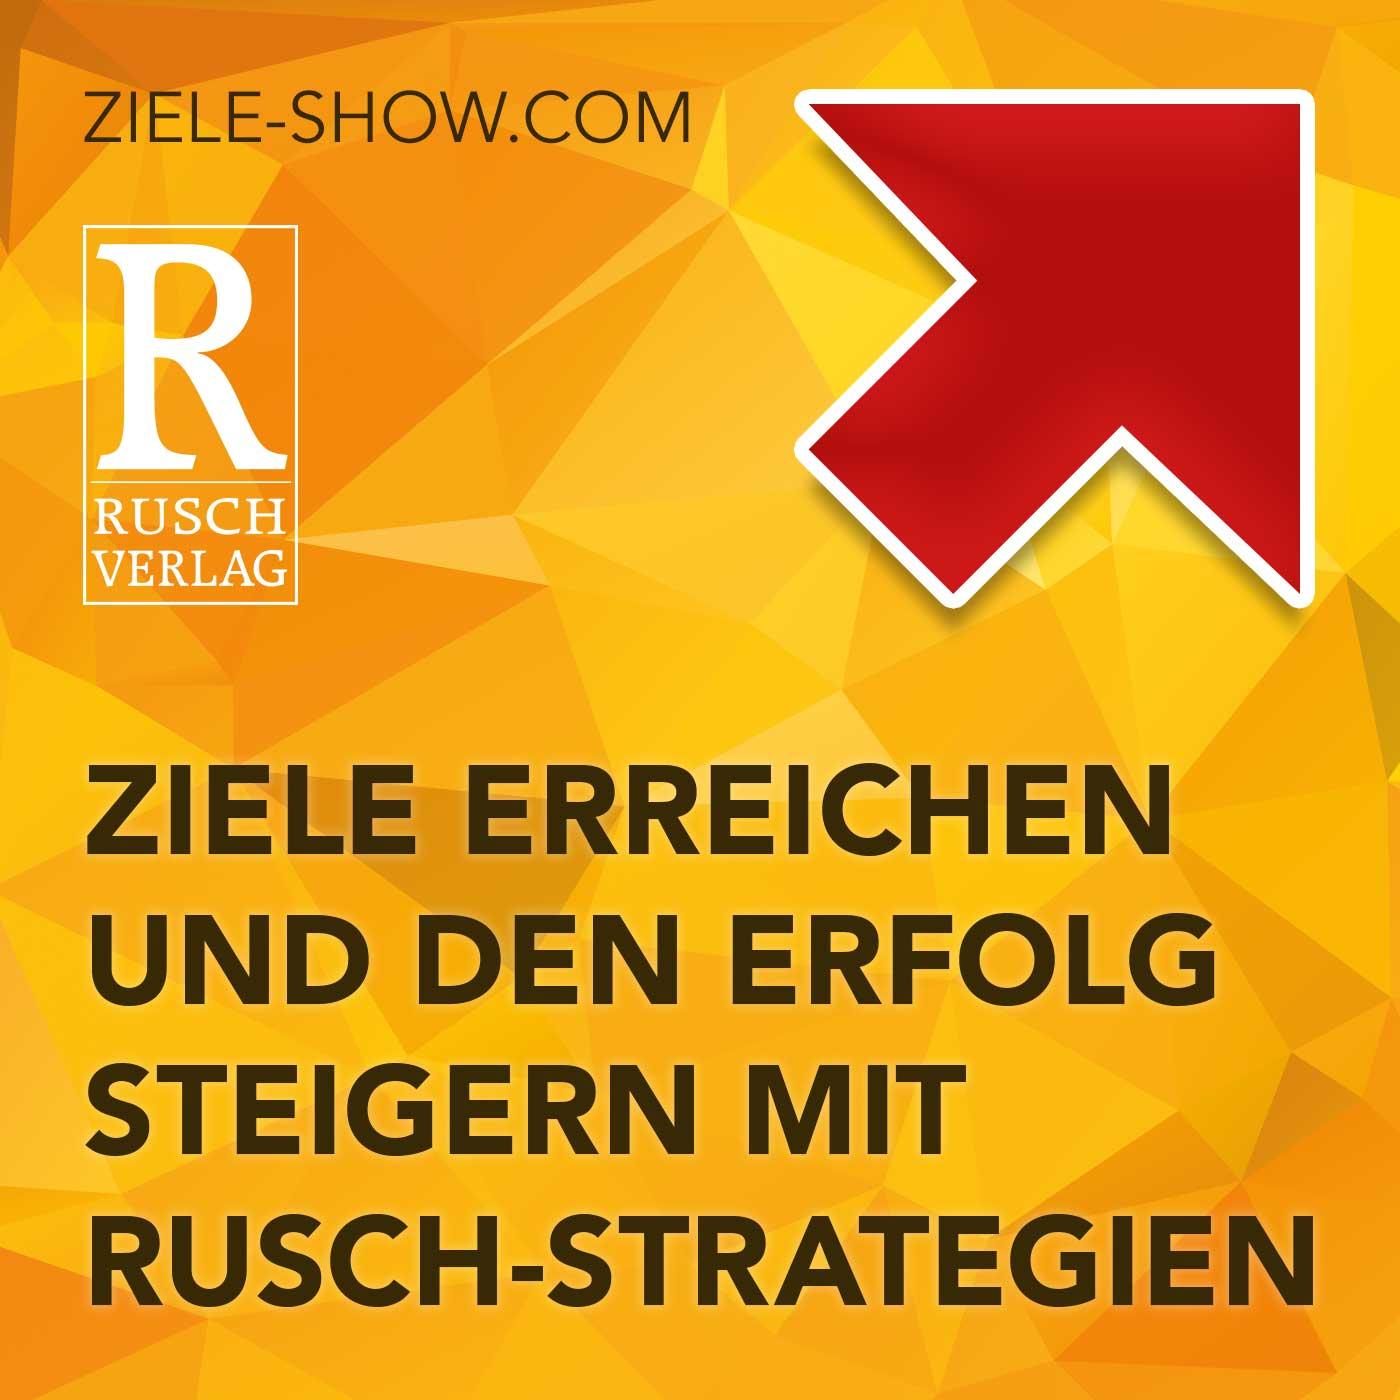 »Ziele erreichen und den Erfolg steigern mit Rusch-Strategien«